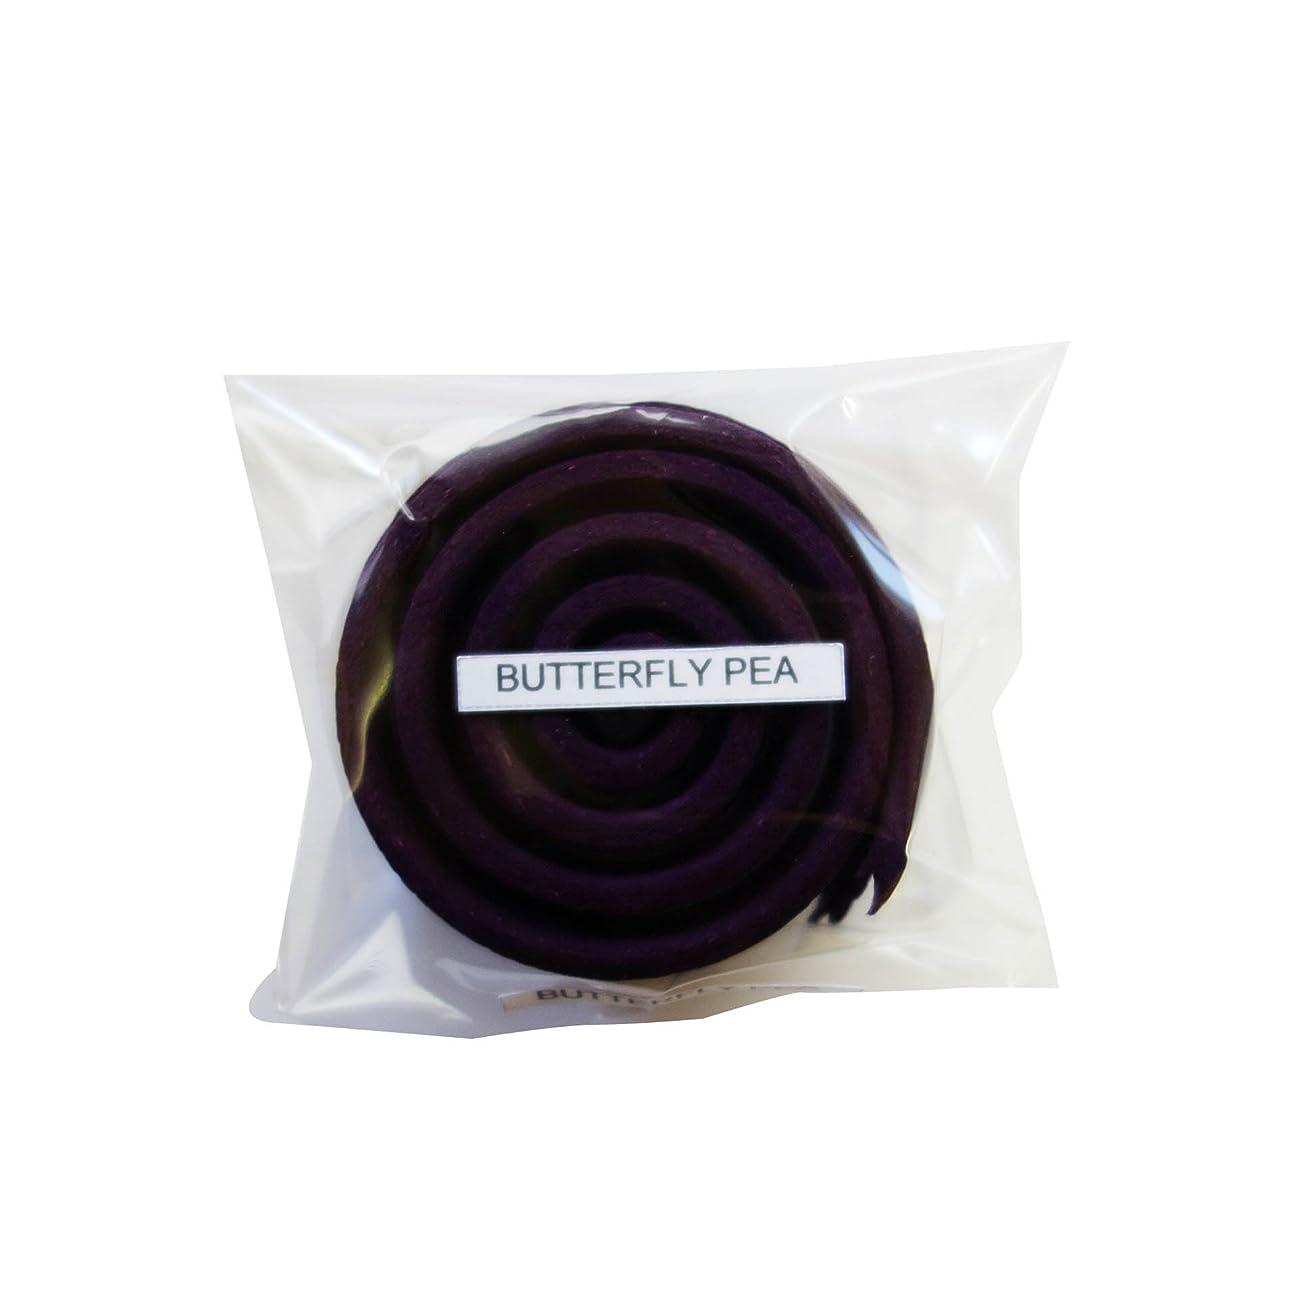 アメリカびっくりした指紋お香/うずまき香 BUTTERFLY PEA バタフライピー 直径5cm×5巻セット [並行輸入品]